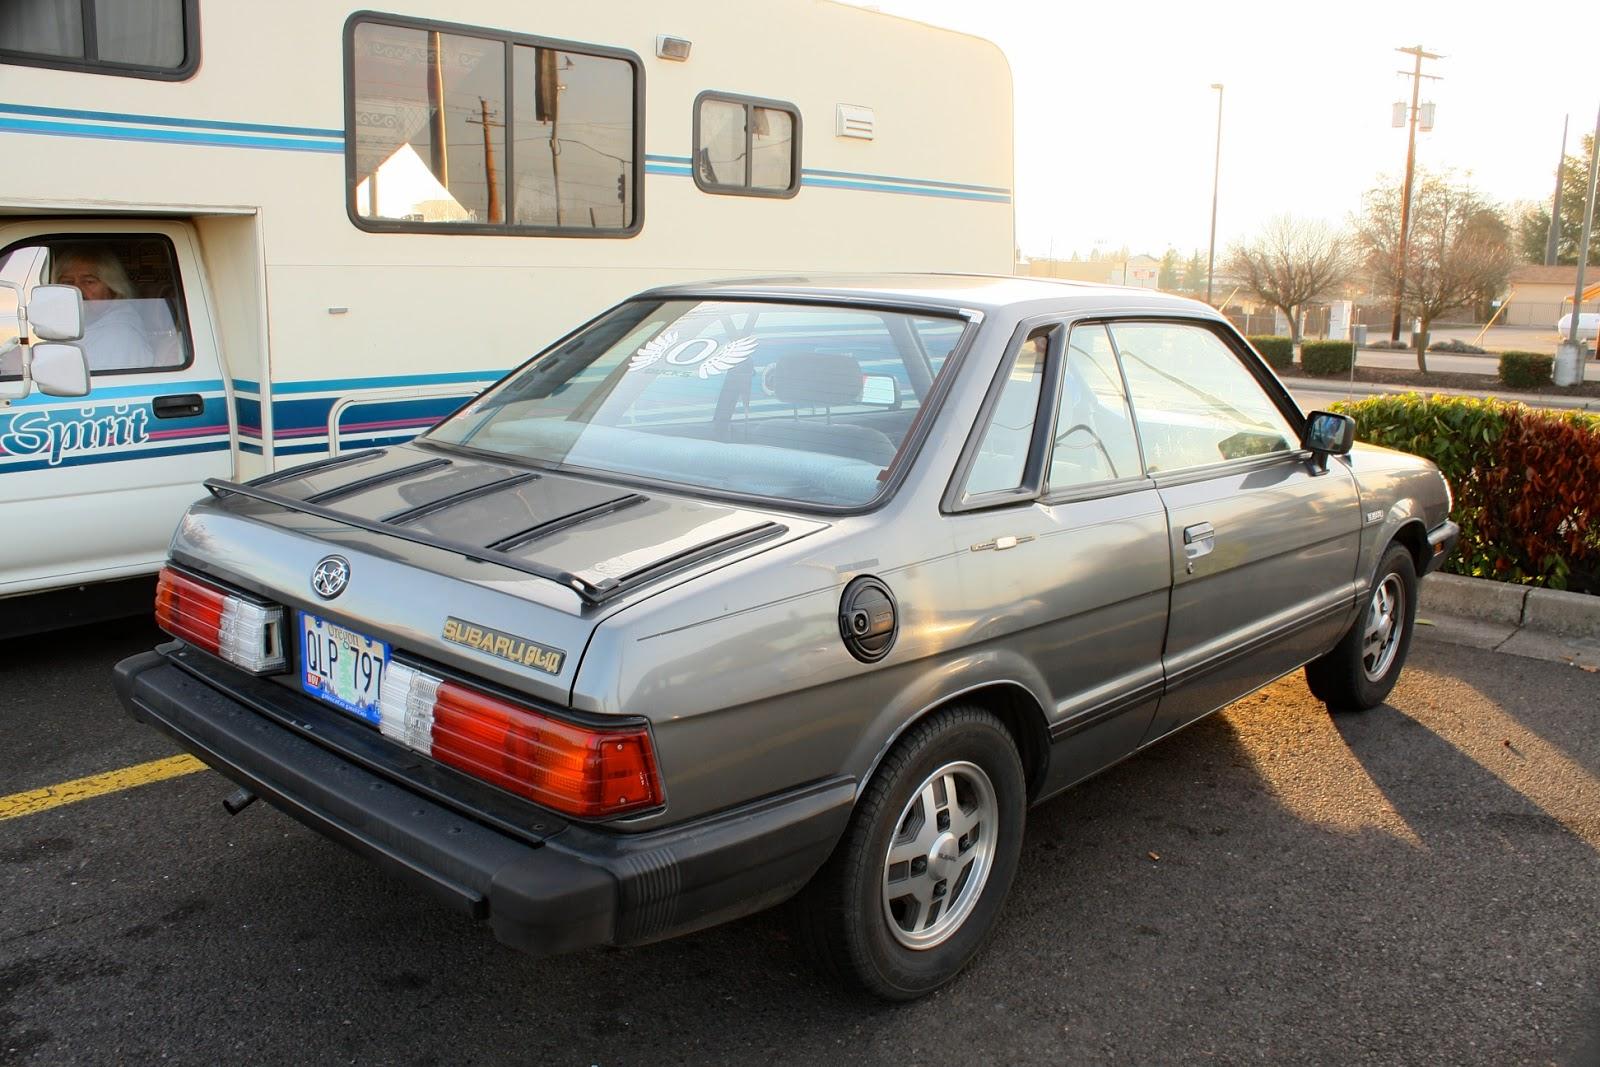 1983 Subaru GL-10 coupe